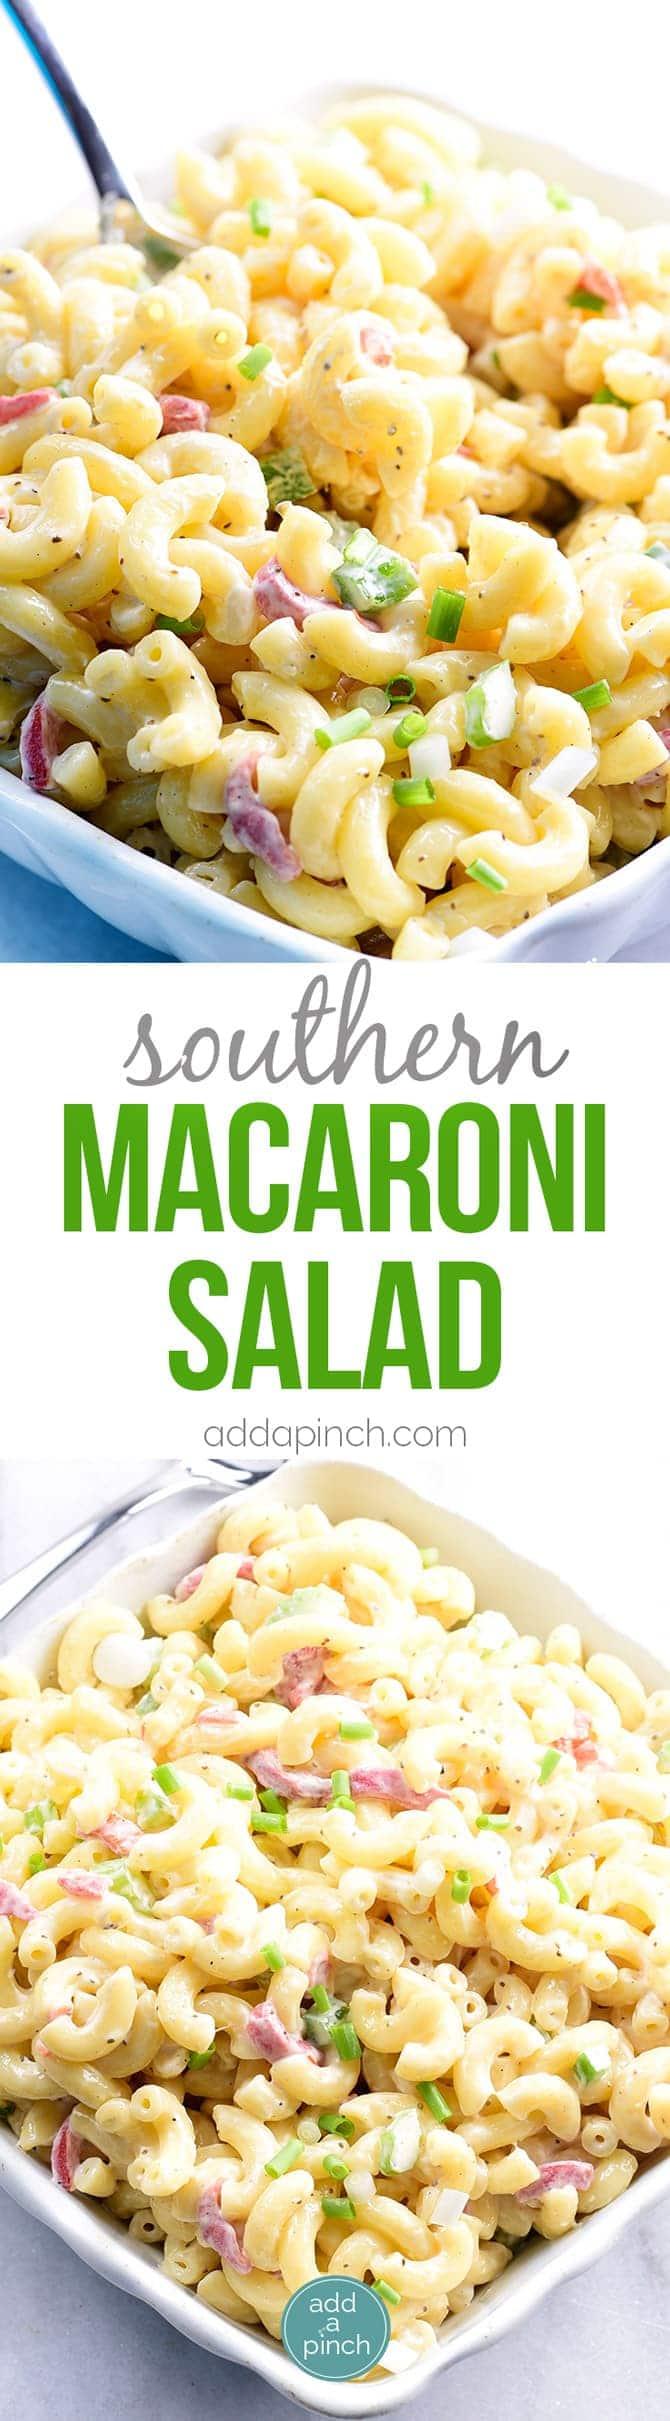 Southern Macaroni Salad Recipe Add A Pinch